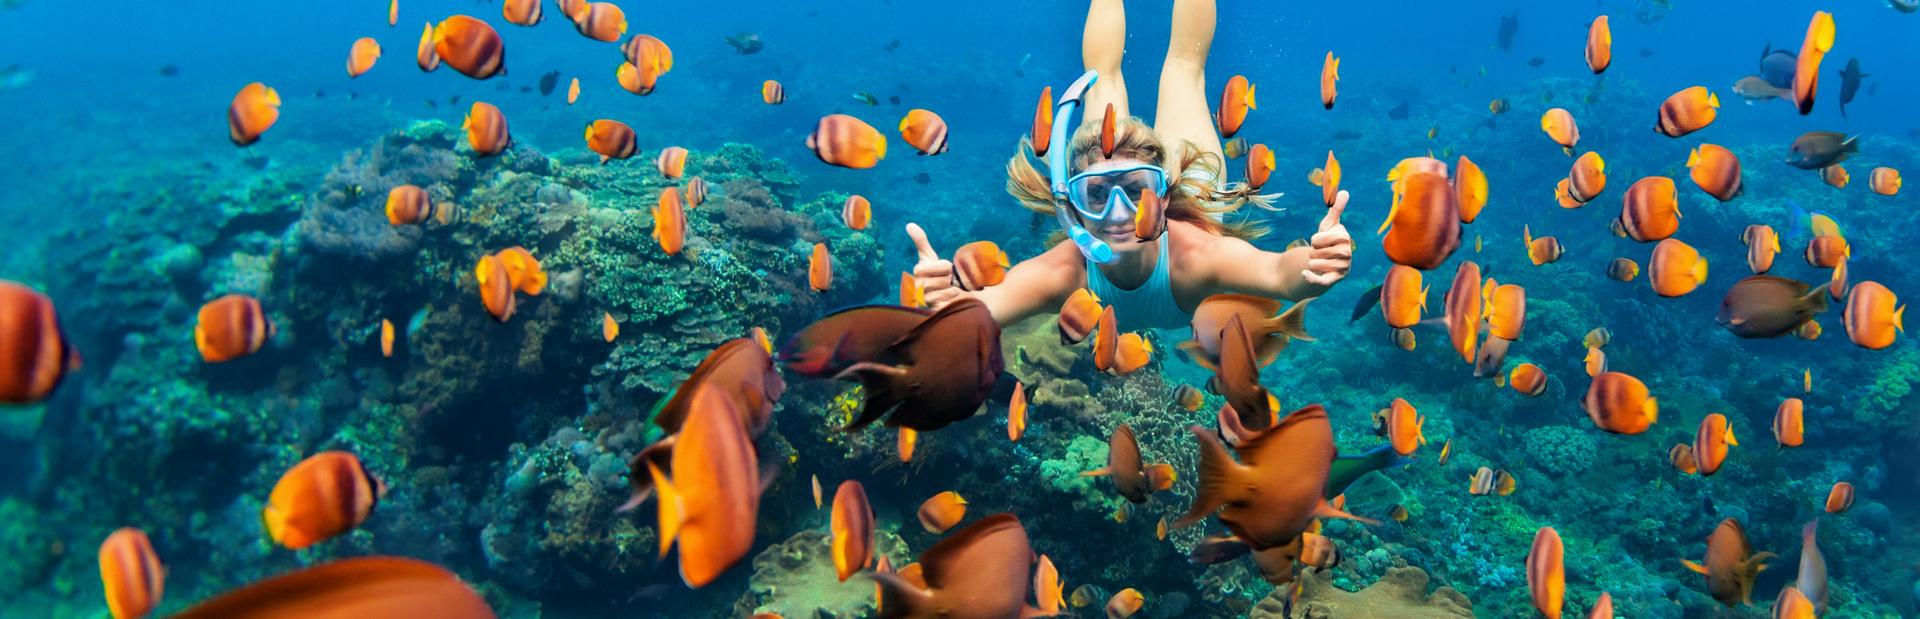 Maldives news photo